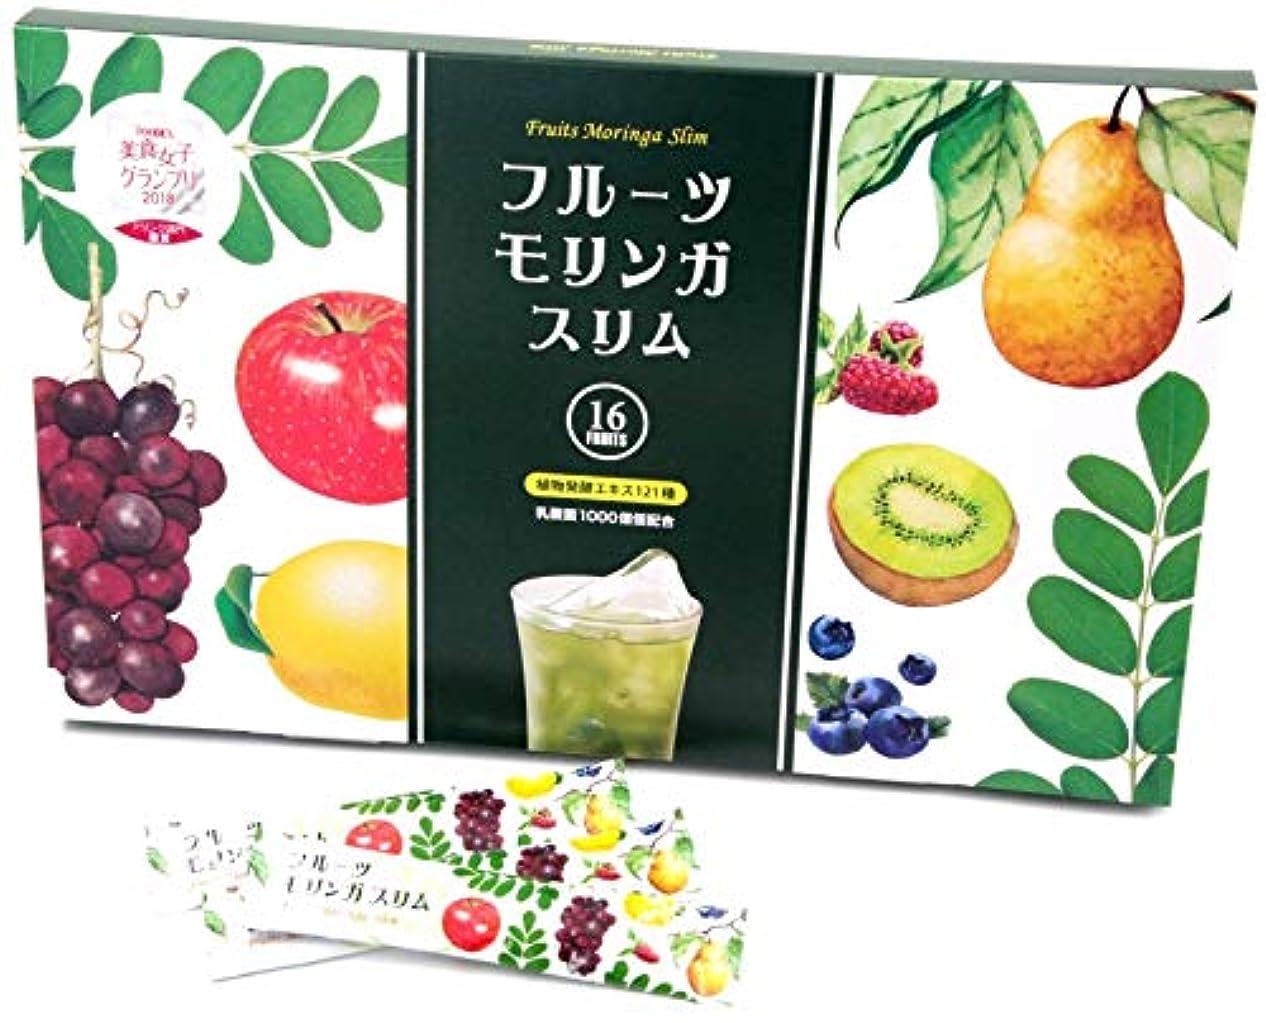 トラクタープランテーション作りフルーツ モリンガ 美容 健康 栄養 食習慣 ボディメイク 国産品 (1箱/3g×30包)